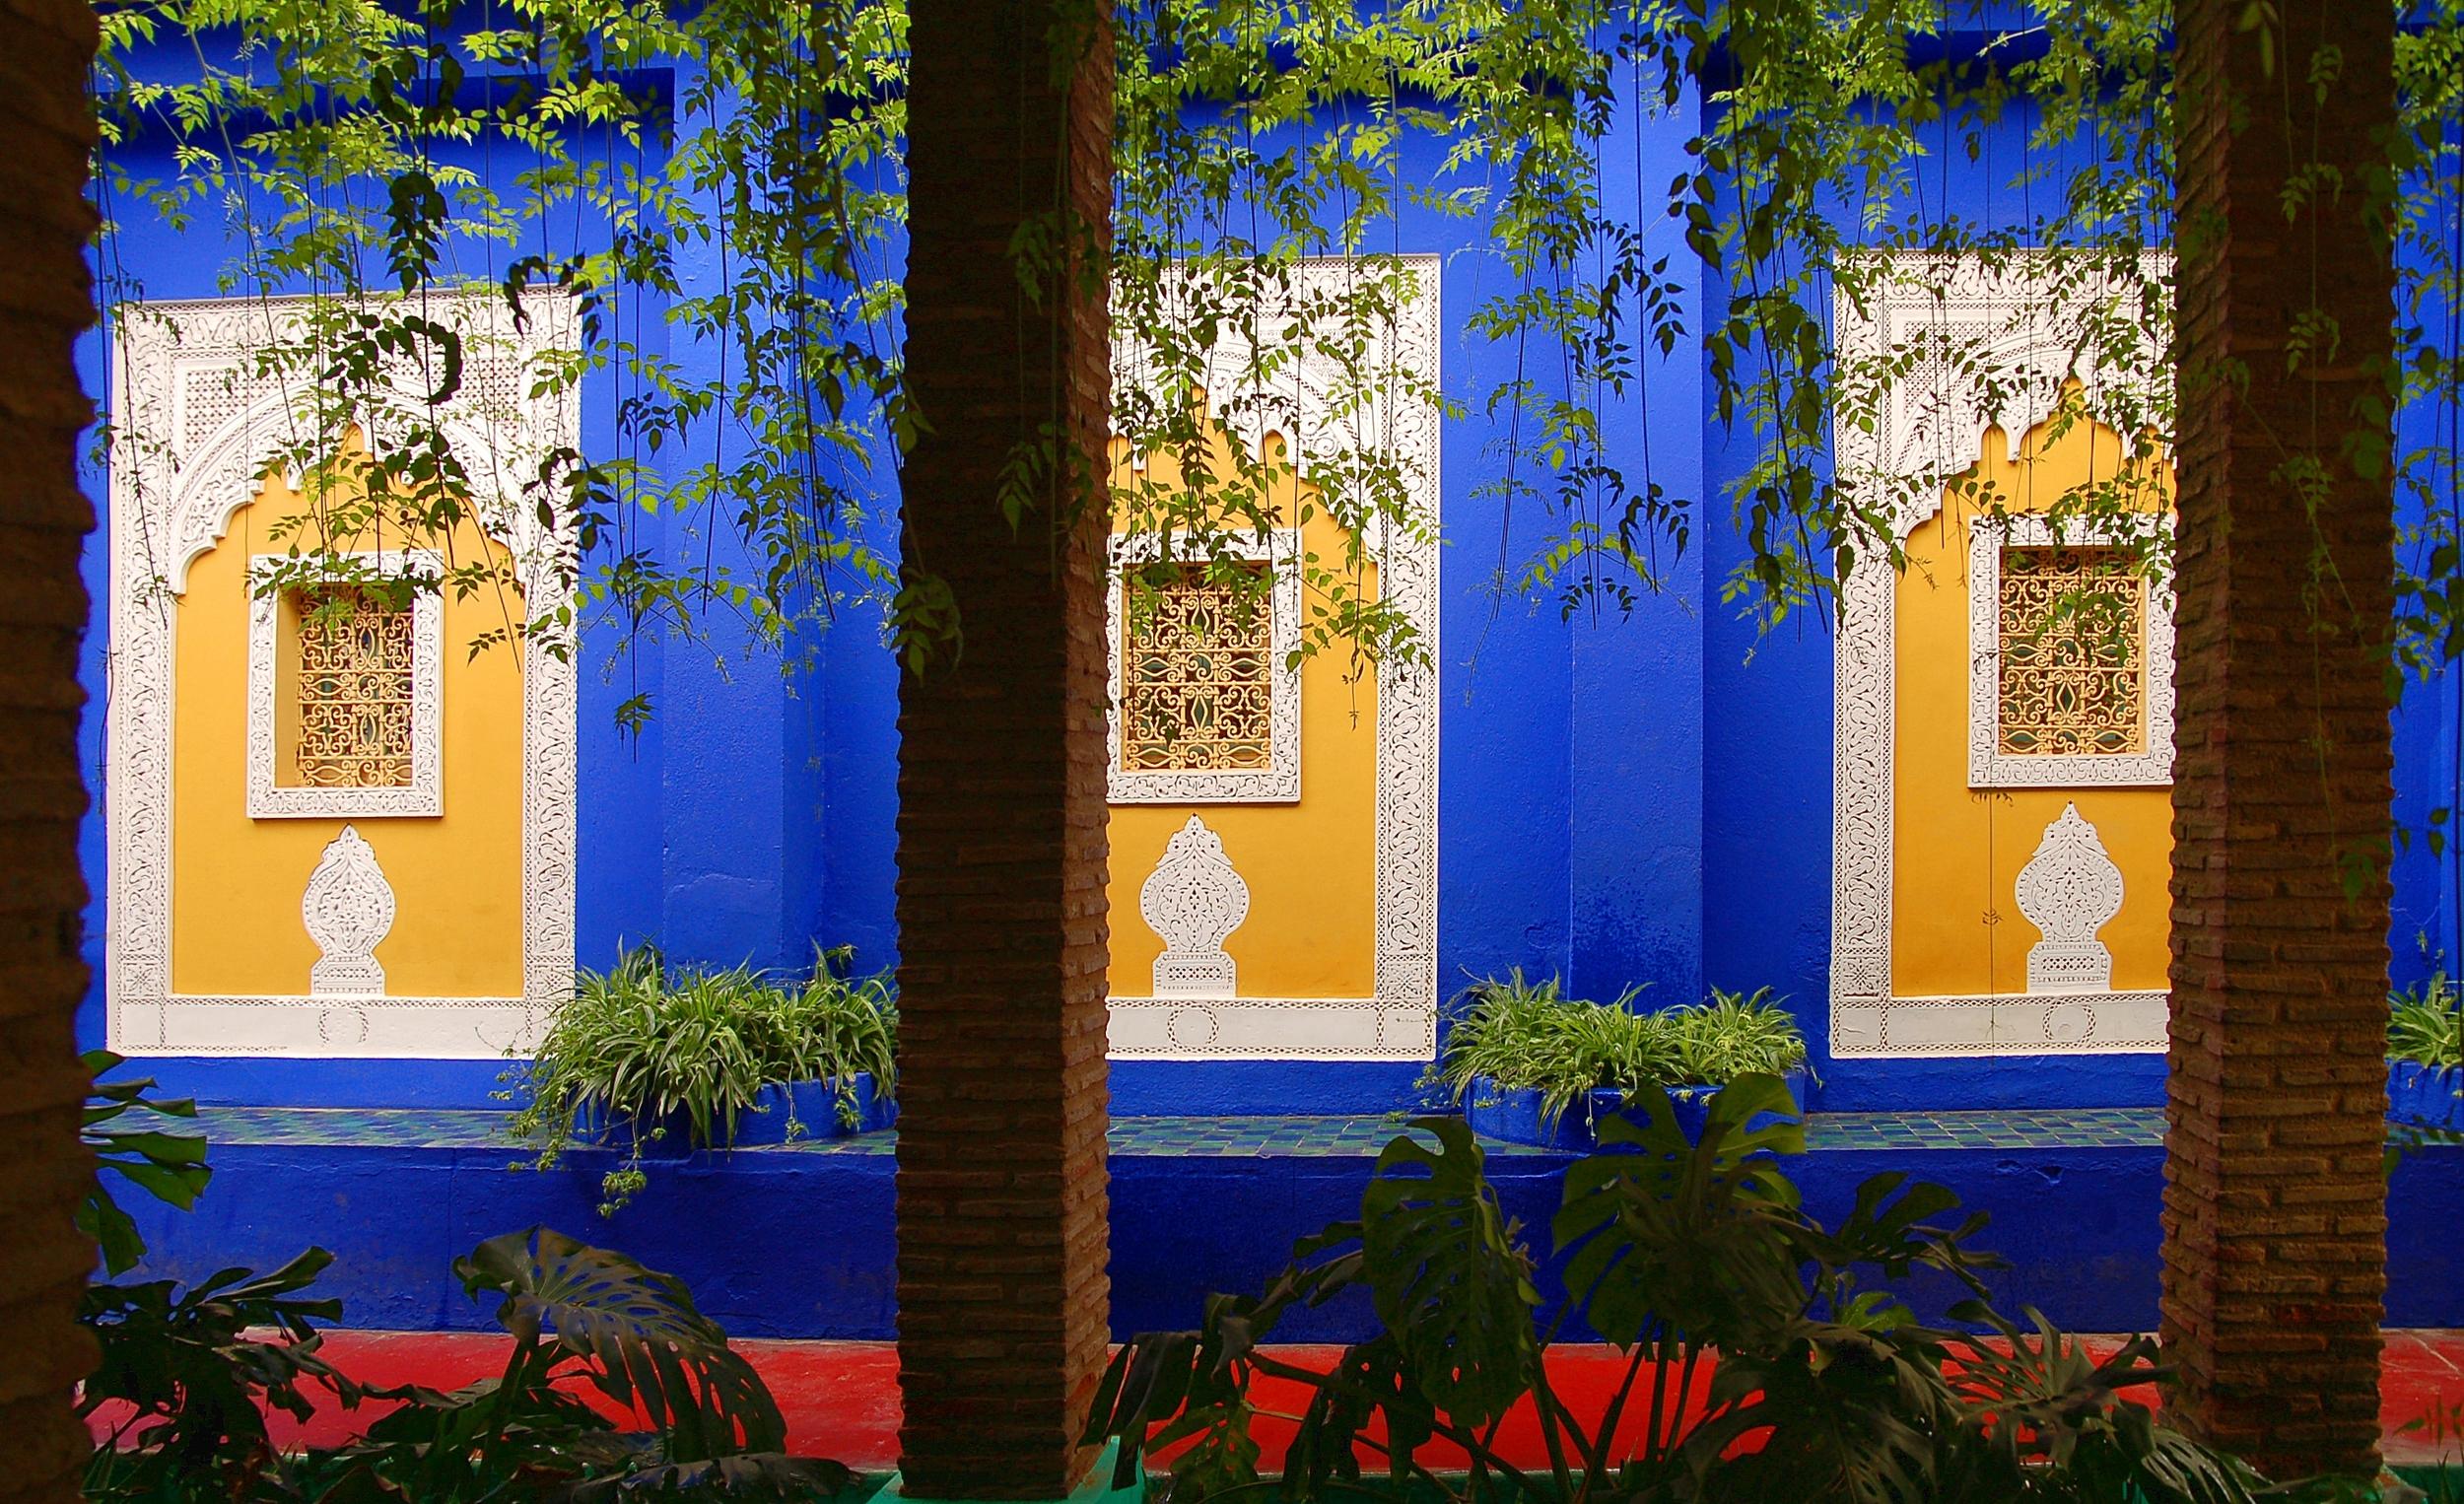 Maroc_Marrakech_Majorelle_Luc_Viatour_12.jpg